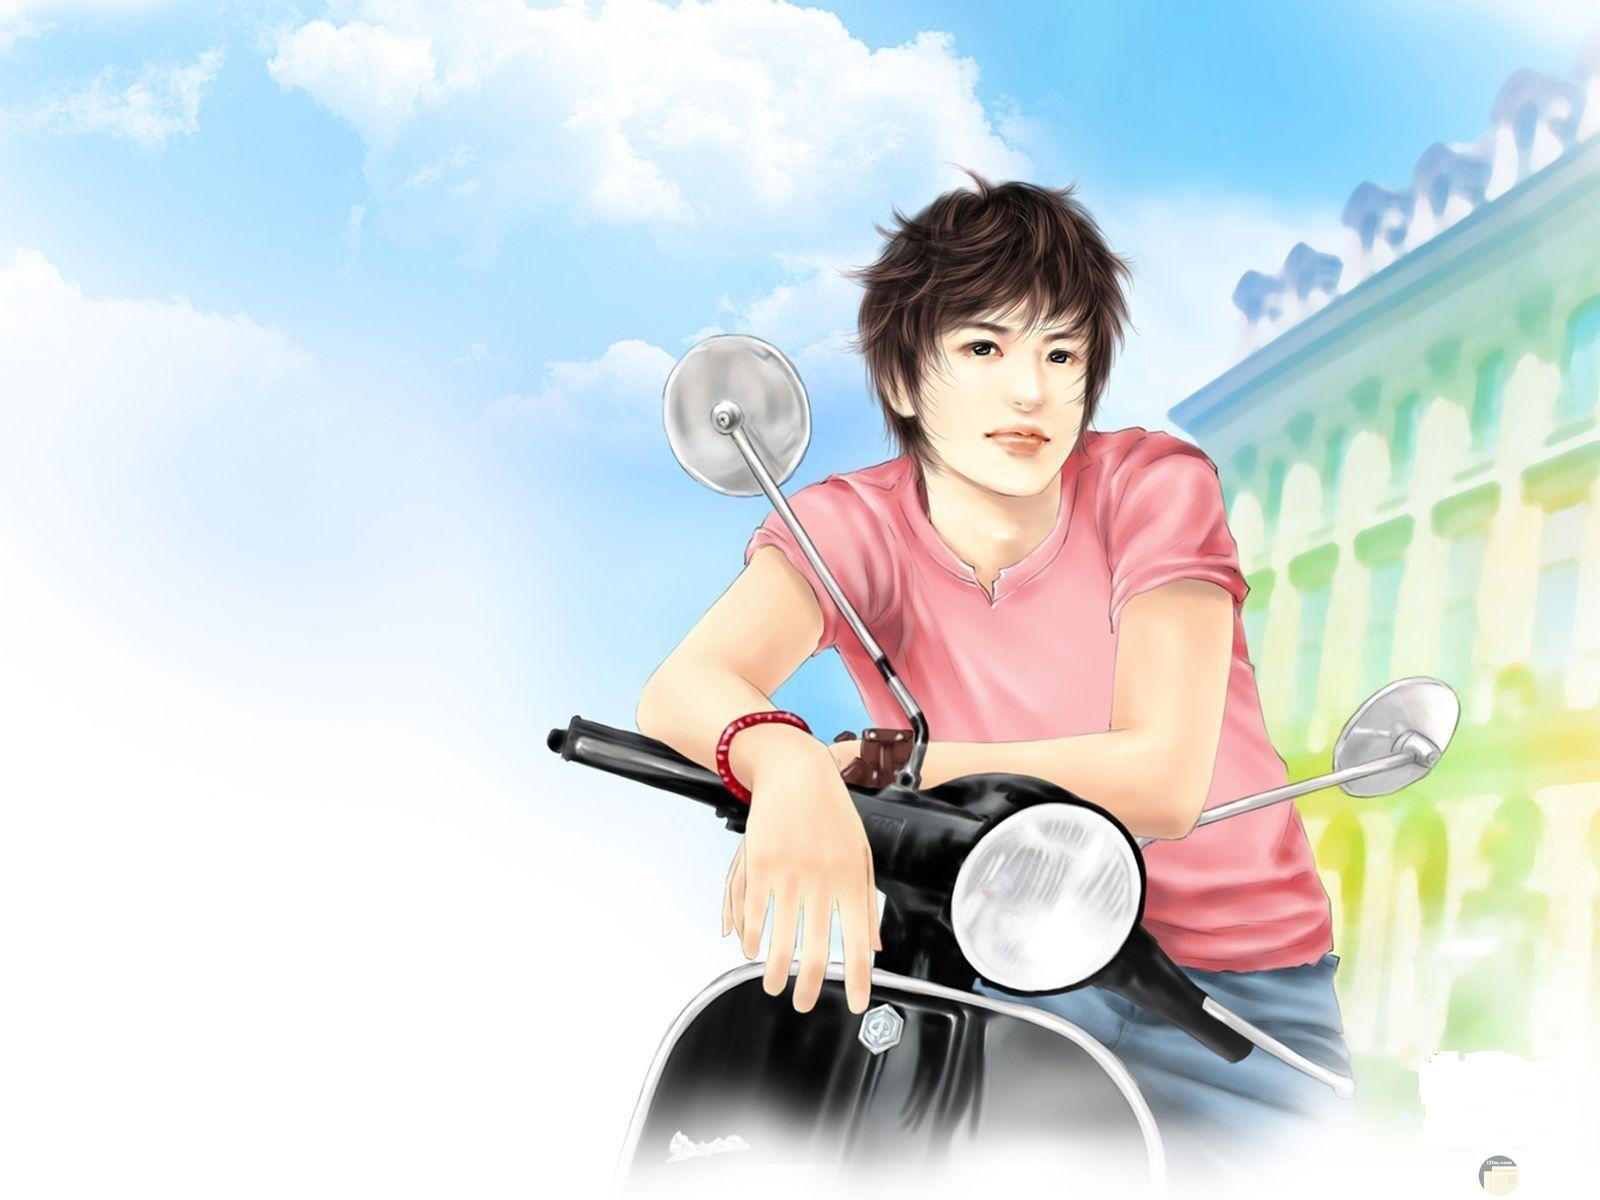 رسمة شاب كول مع دراجة نارية.